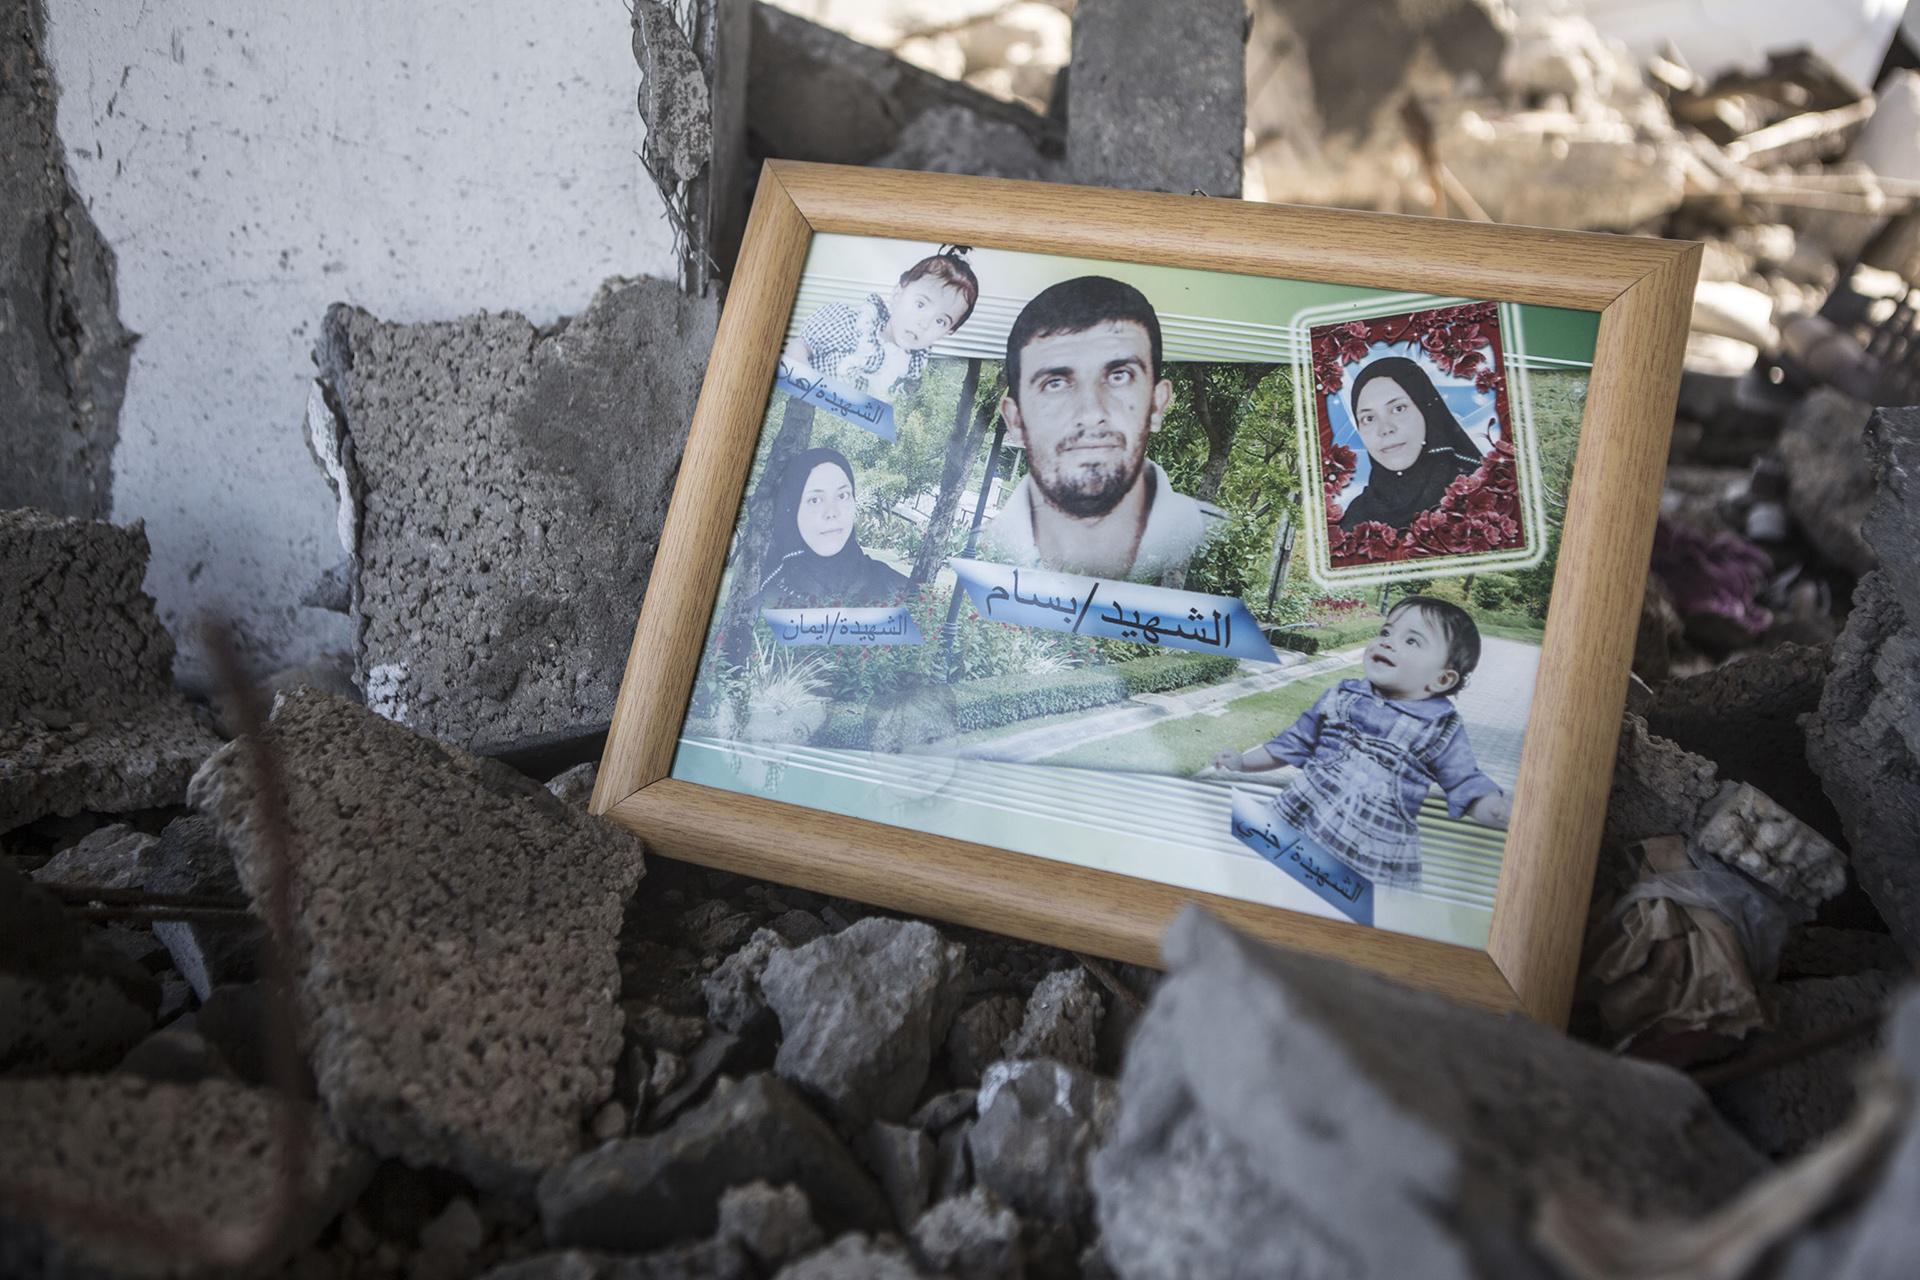 Fotos von Zakiyas Sohn Bassam, seiner Frau Iman und ihren beiden Töchtern Hala und Jana. Zwei weitere Familienmitglieder starben bei diesem Luftangriff: der zweijährige Yousef, Zakiyas Enkel und Suleiman, Zakiyas Schwager, der eine Woche nach dem Angriff im Krankenhaus in Ägypten starb, wo er zur Behandlung hingebracht wurde.